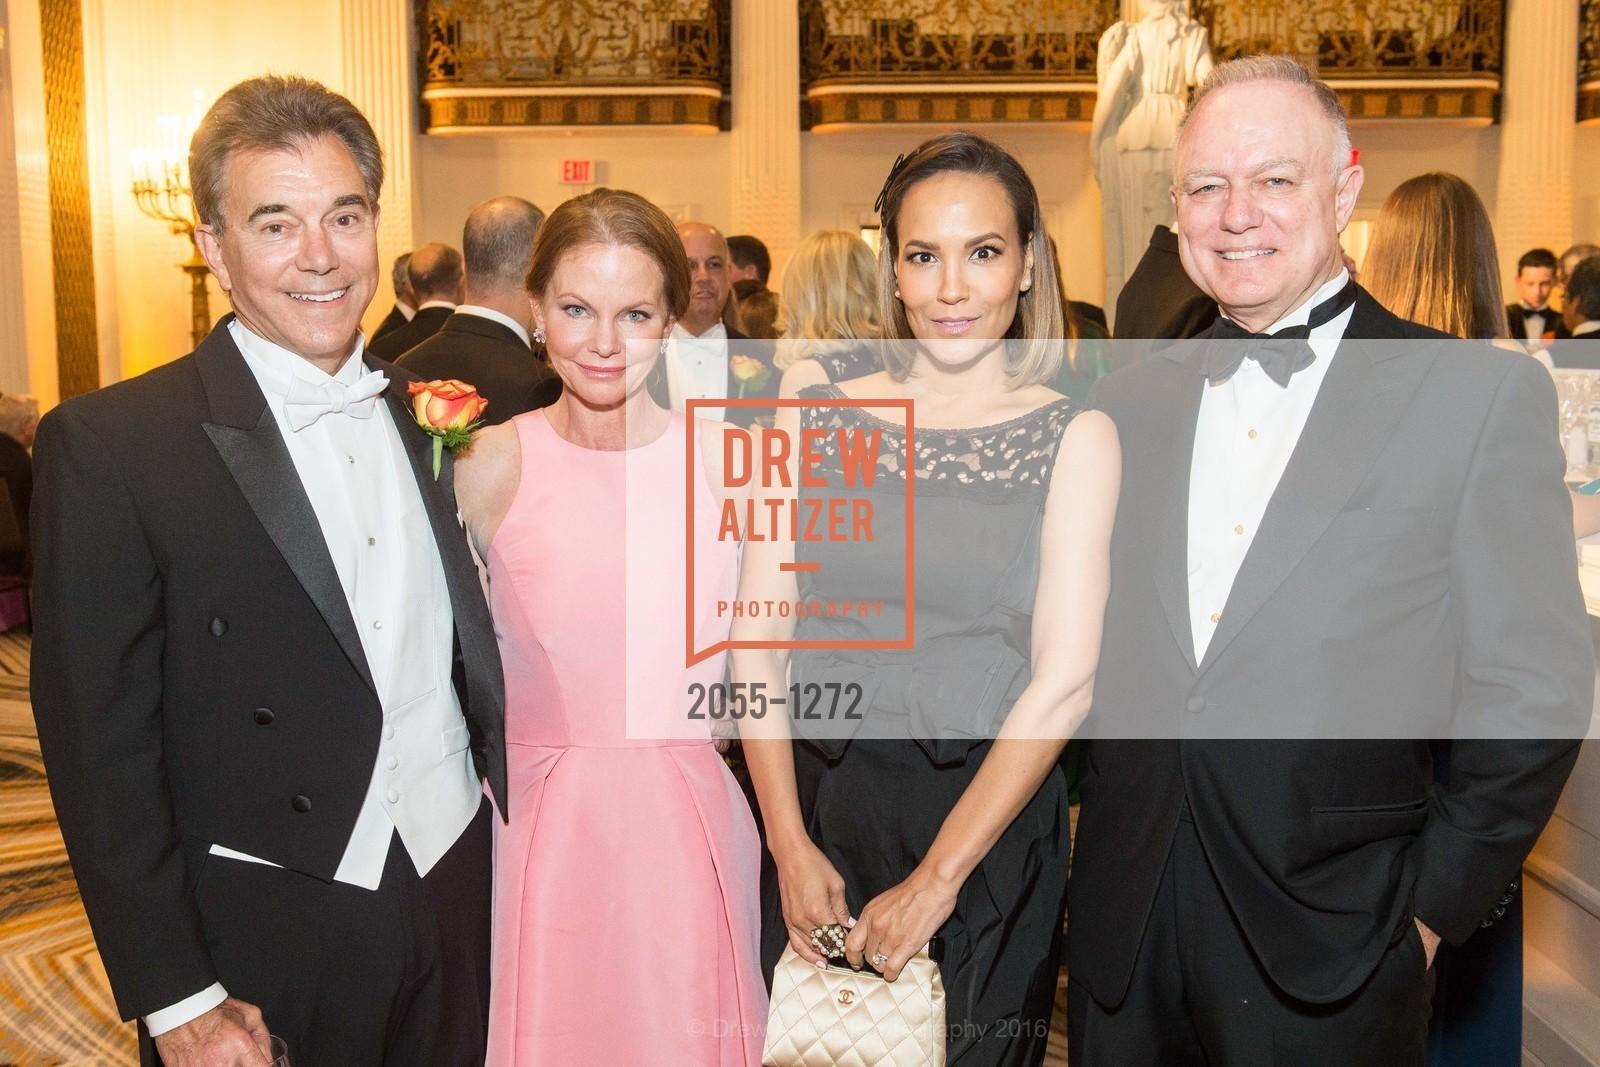 Ralph Baxter, Cheryl Baxter, Lora DuBain, Don DuBain, Photo #2055-1272